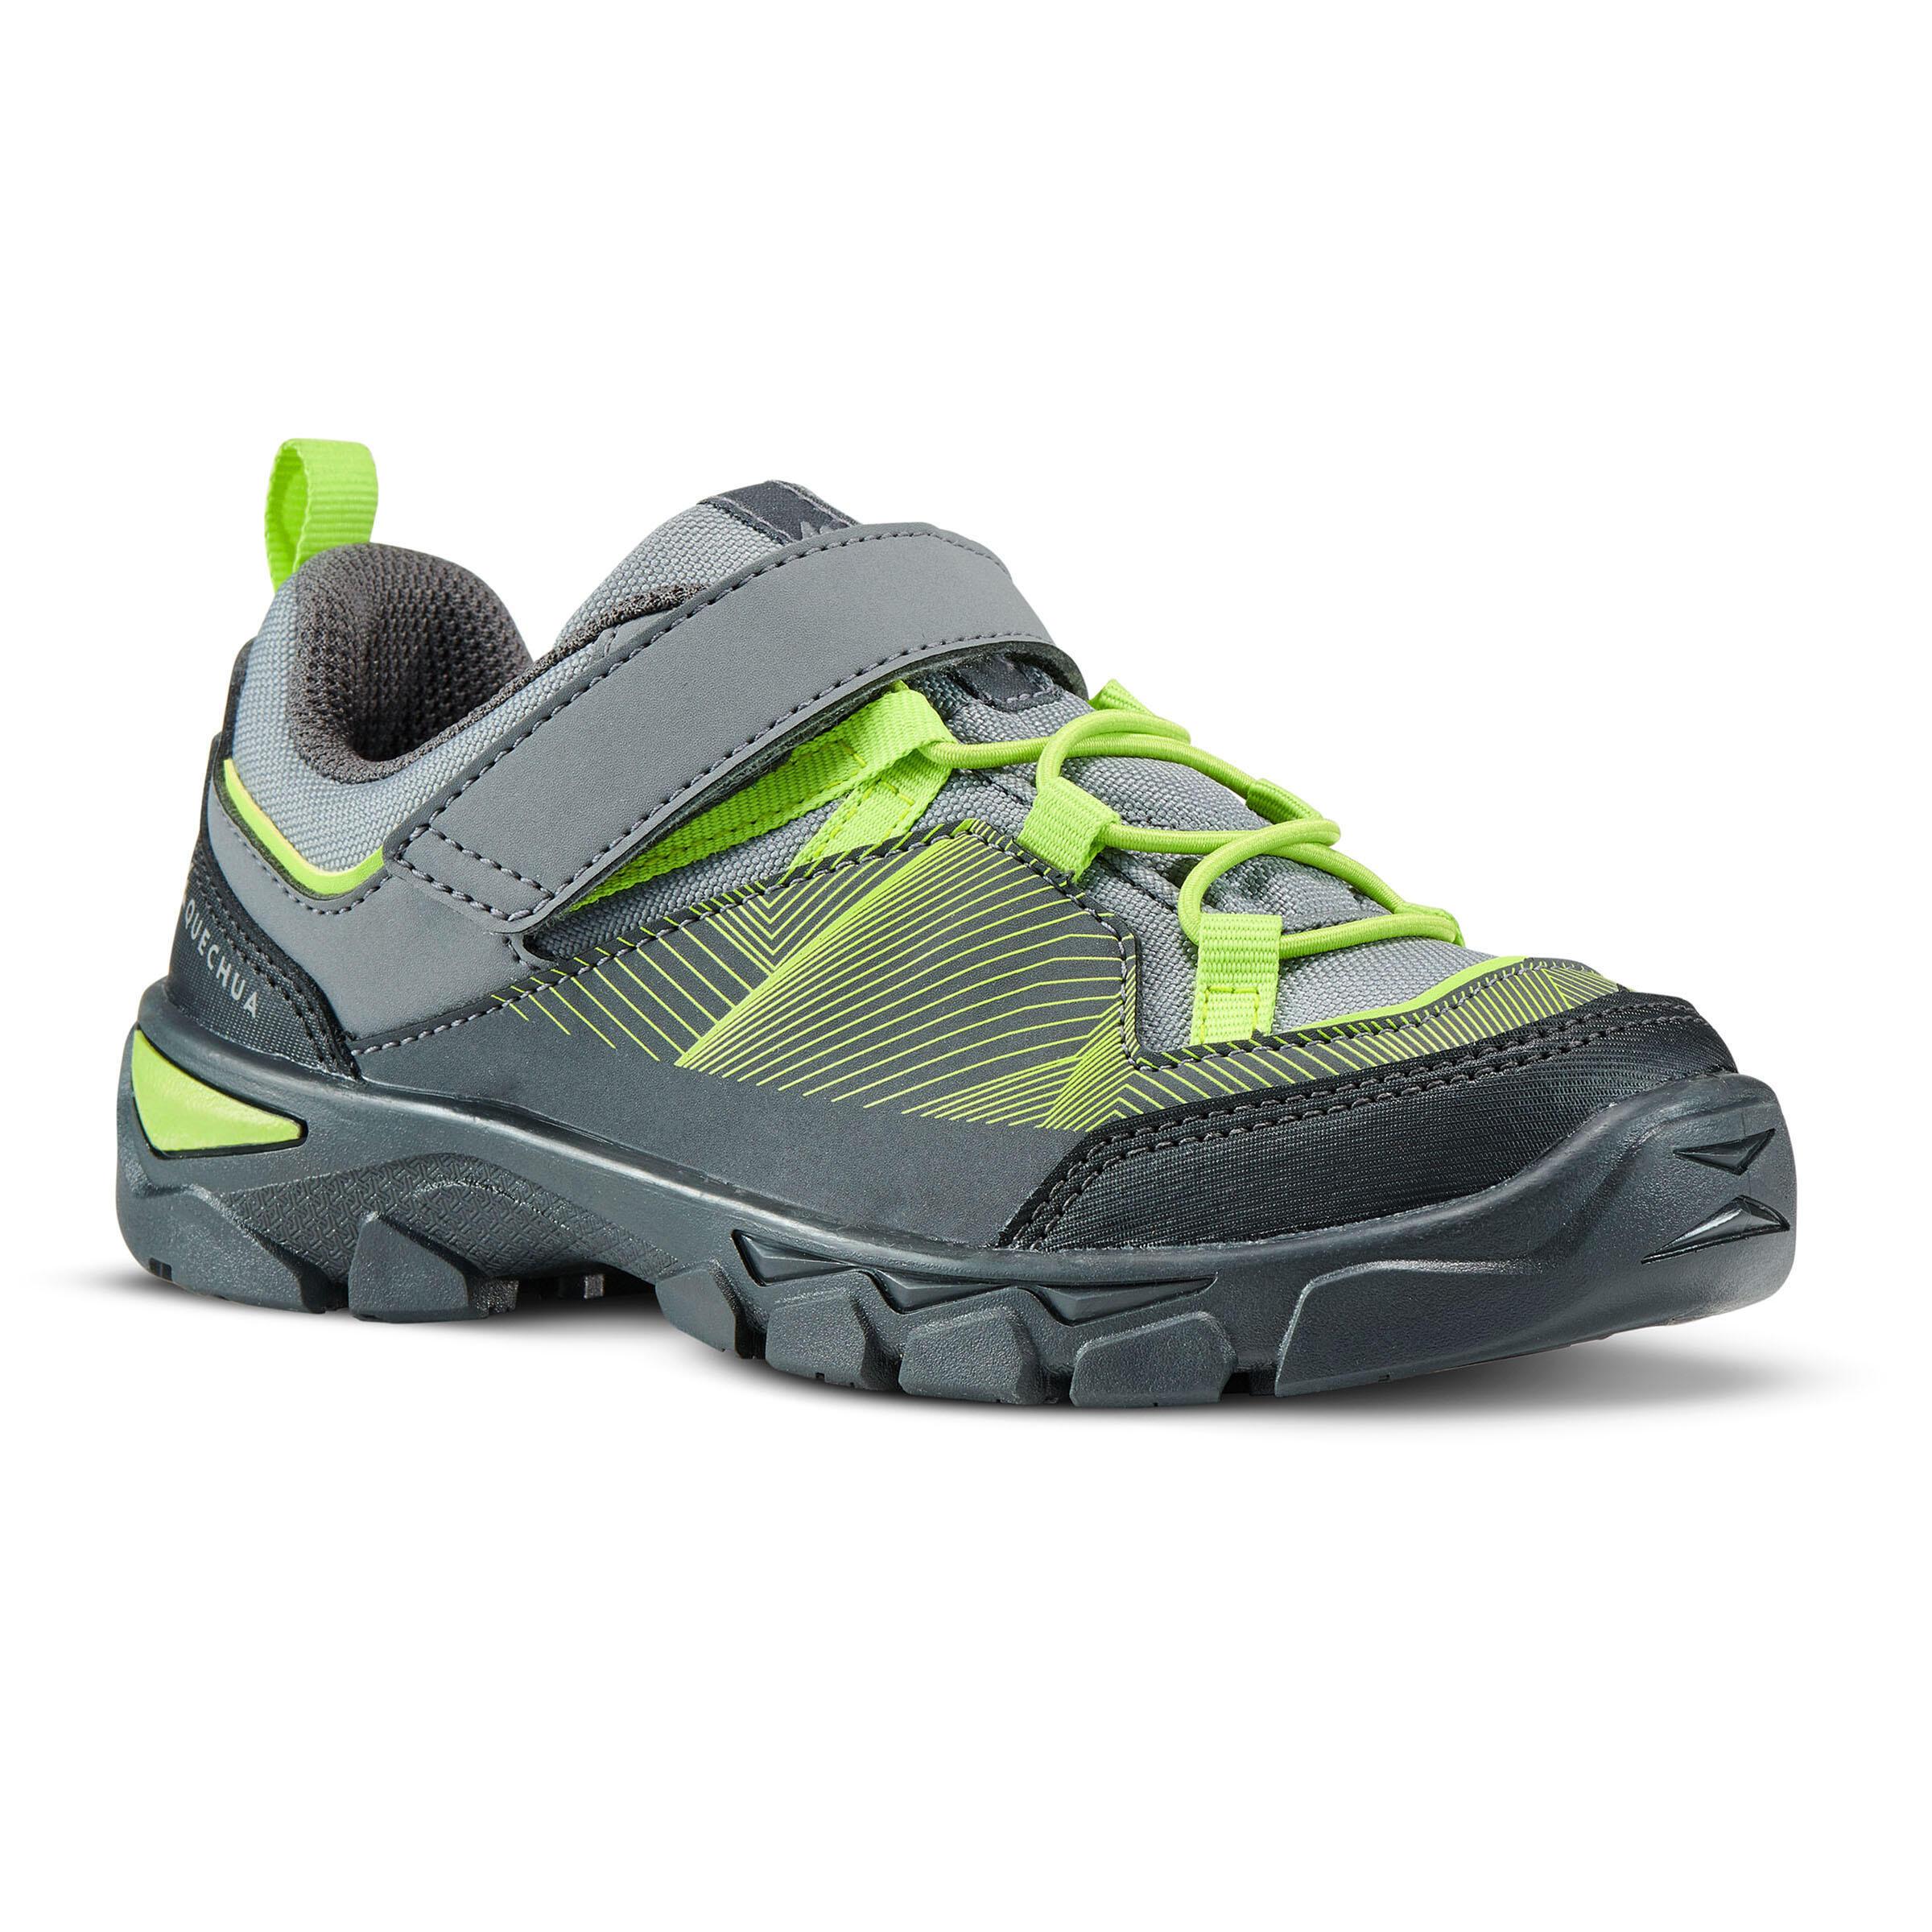 Chaussures de randonnée enfant avec scratch mh120 low grises et vertes 28 au 34 quechua